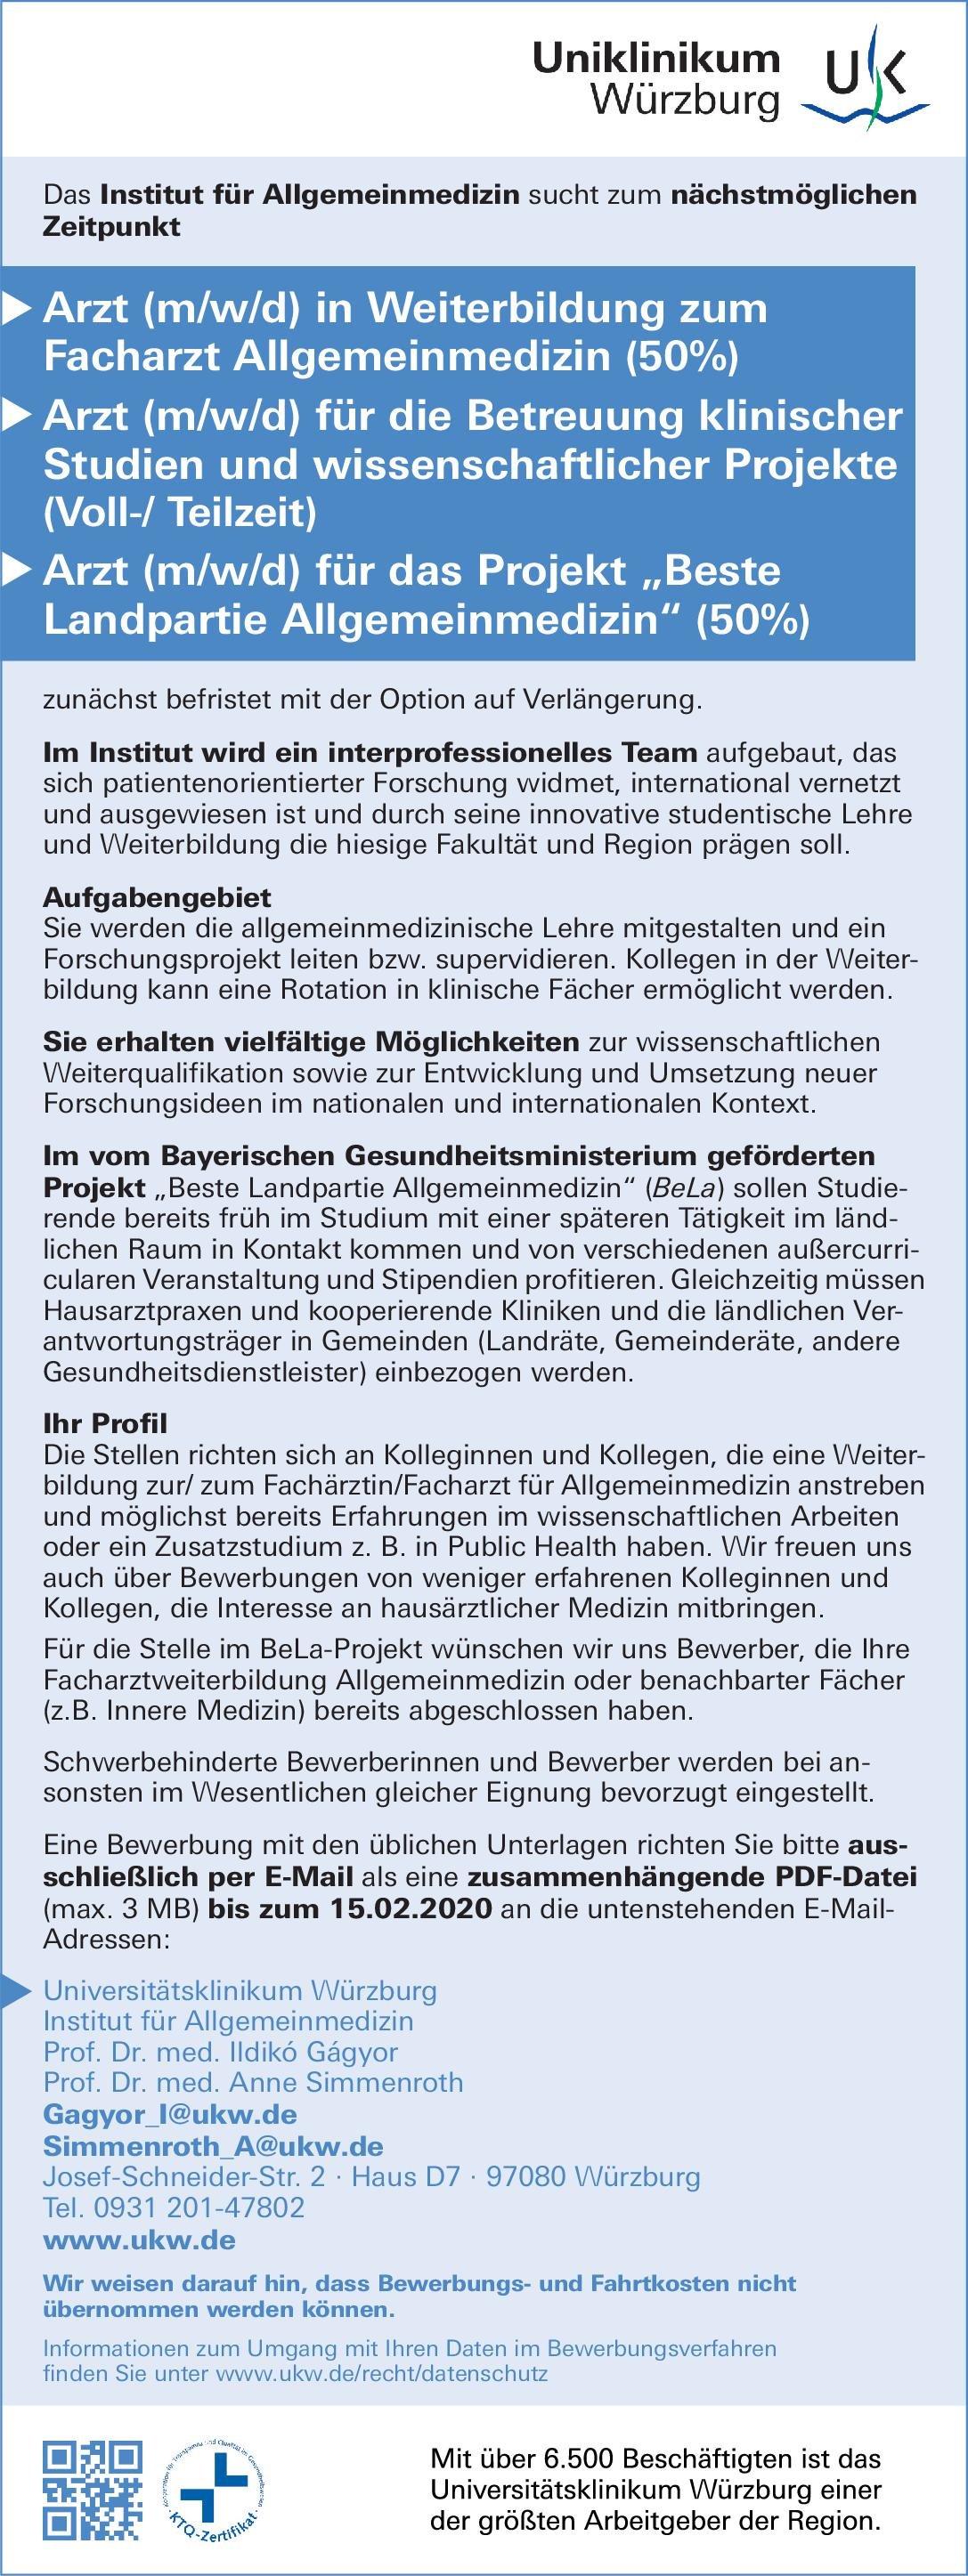 Universitätsklinikum Würzburg Arzt (m/w/d) für die Betreuung klinischer Studien und wissenschaftlicher Projekte (Voll-/Teilzeit) Allgemeinmedizin Arzt / Facharzt